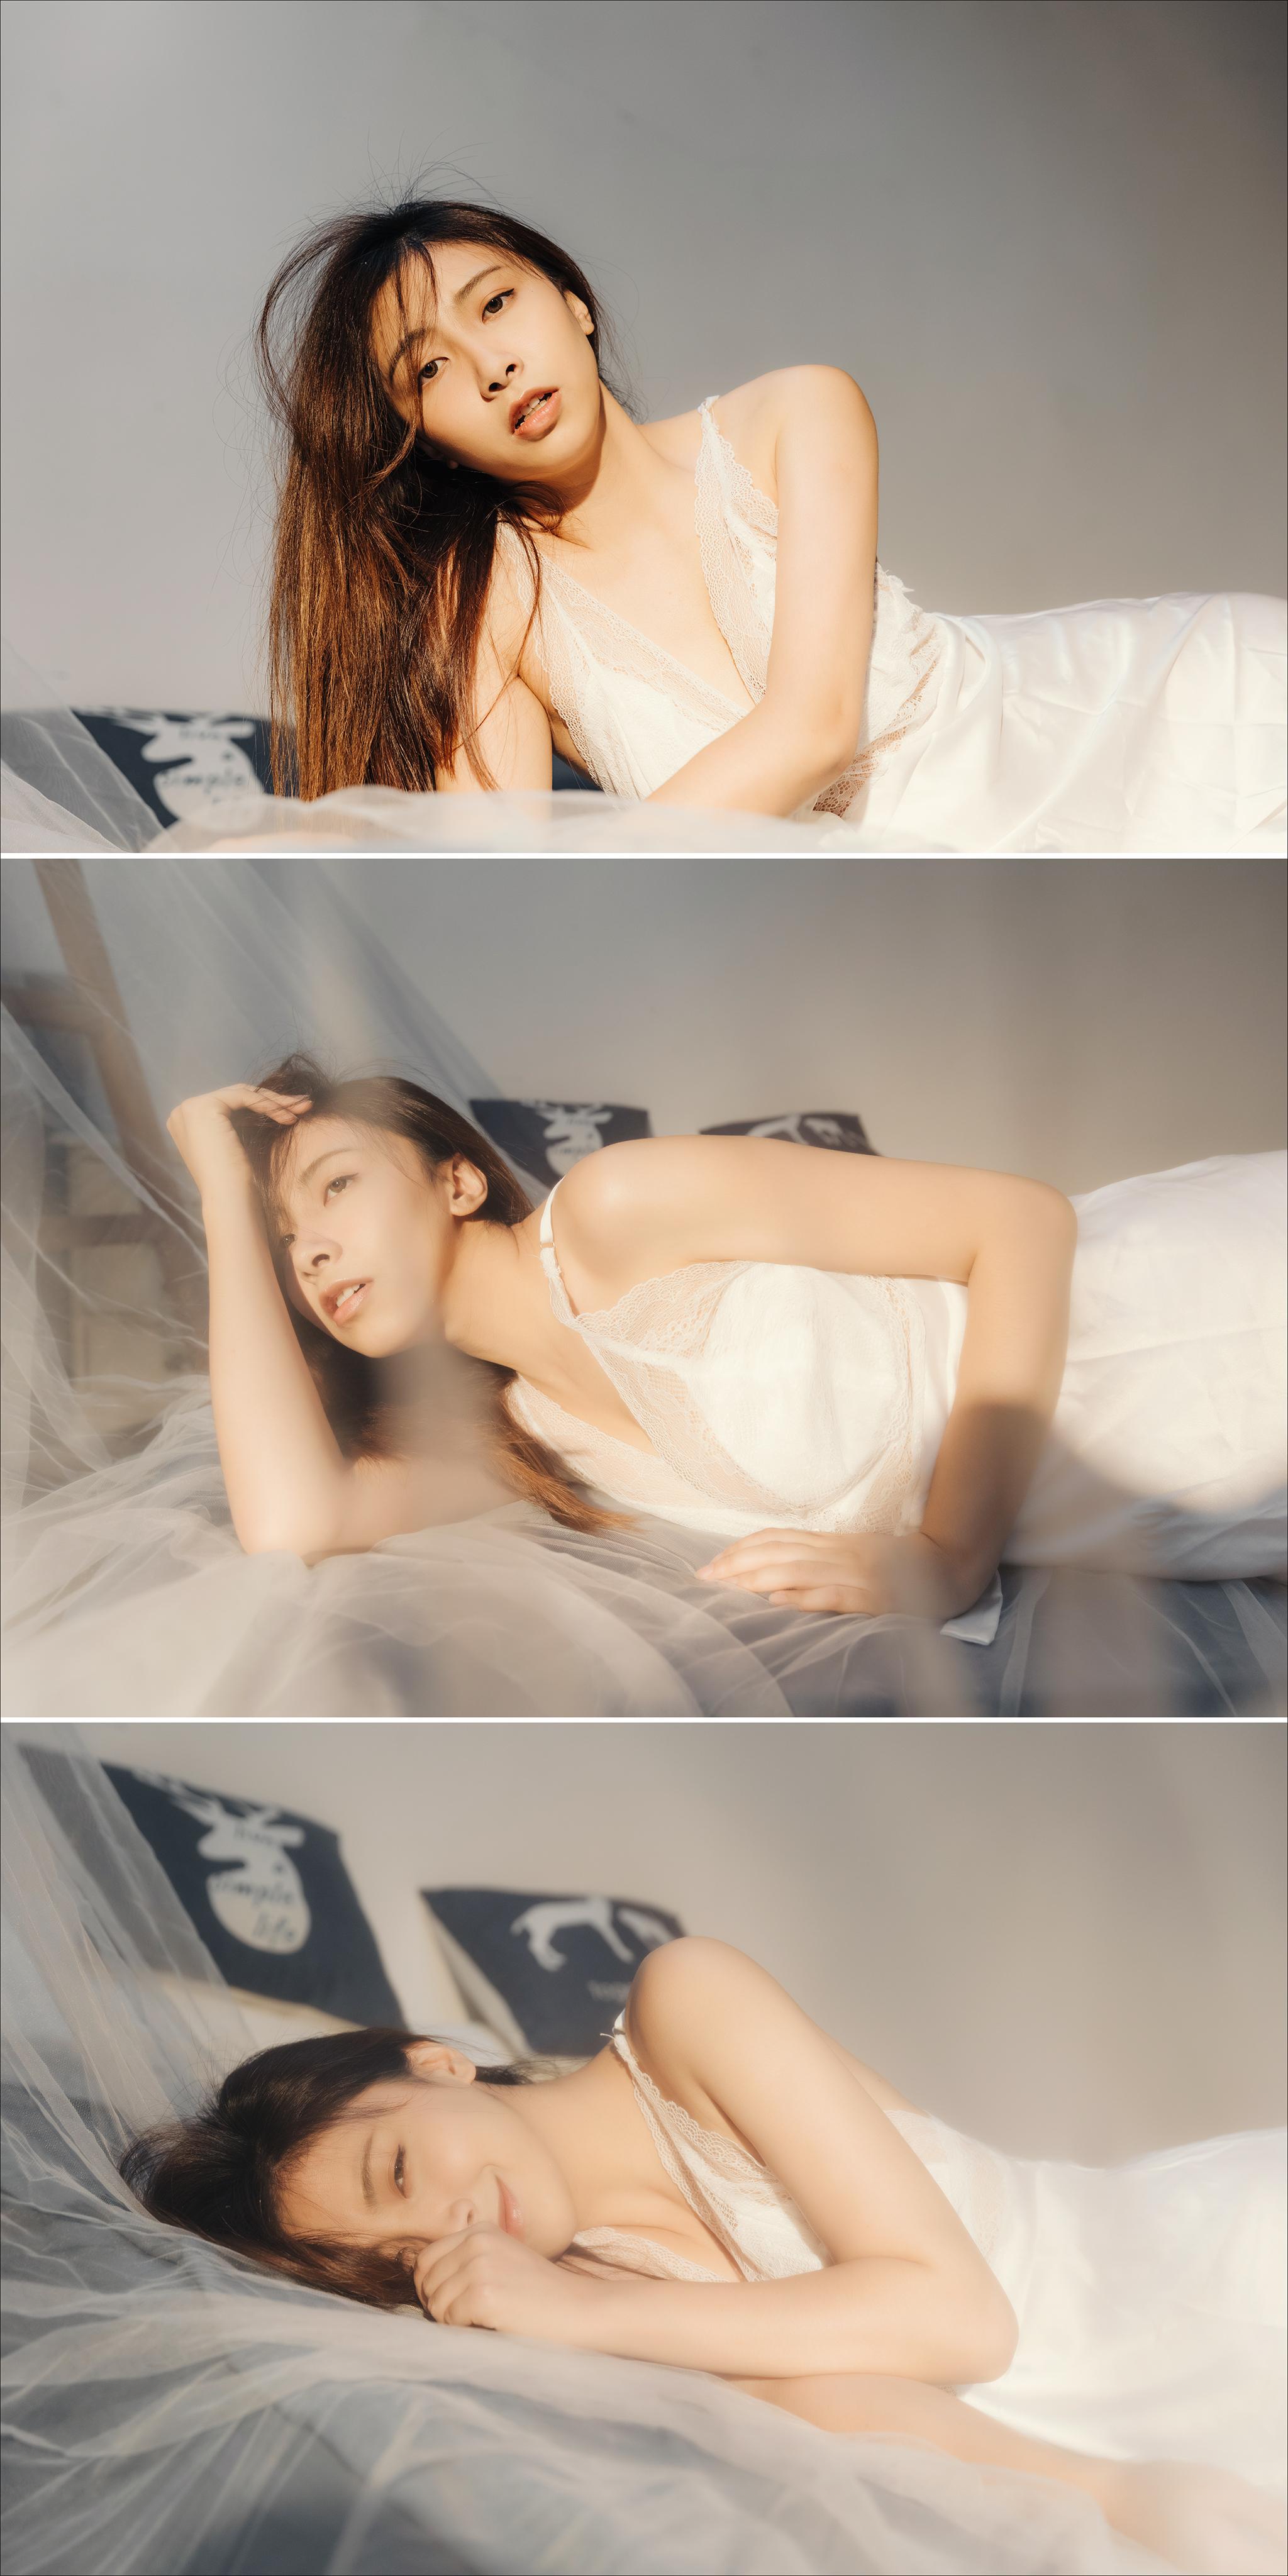 51375481264 985a97aa9d o - 【寫真】+Angel+